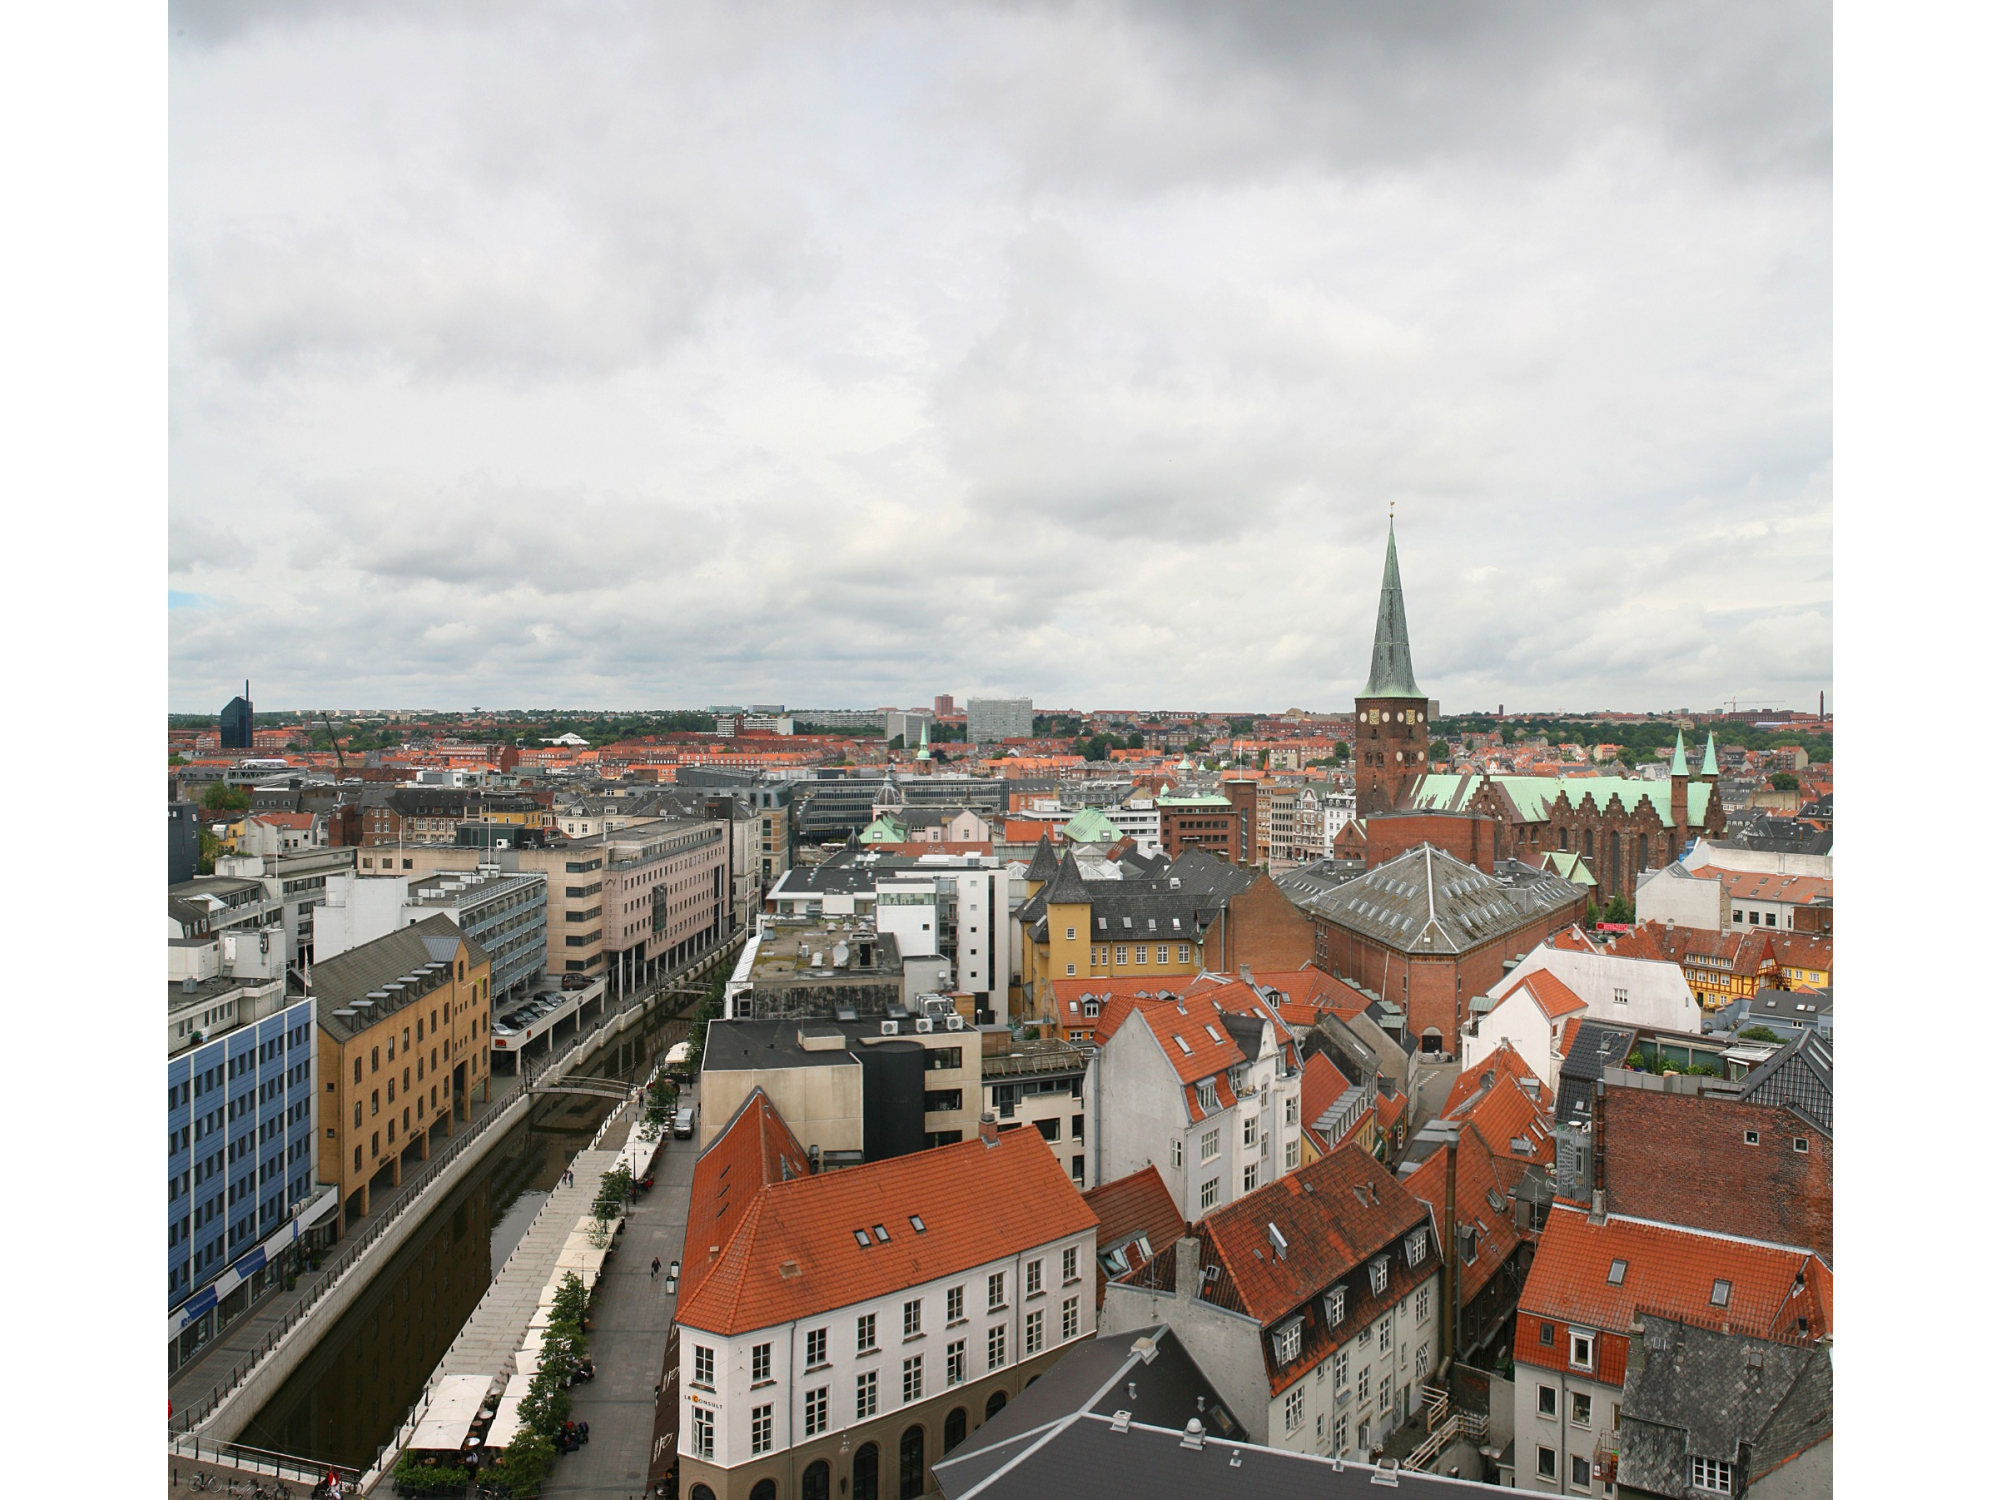 Aarhus View